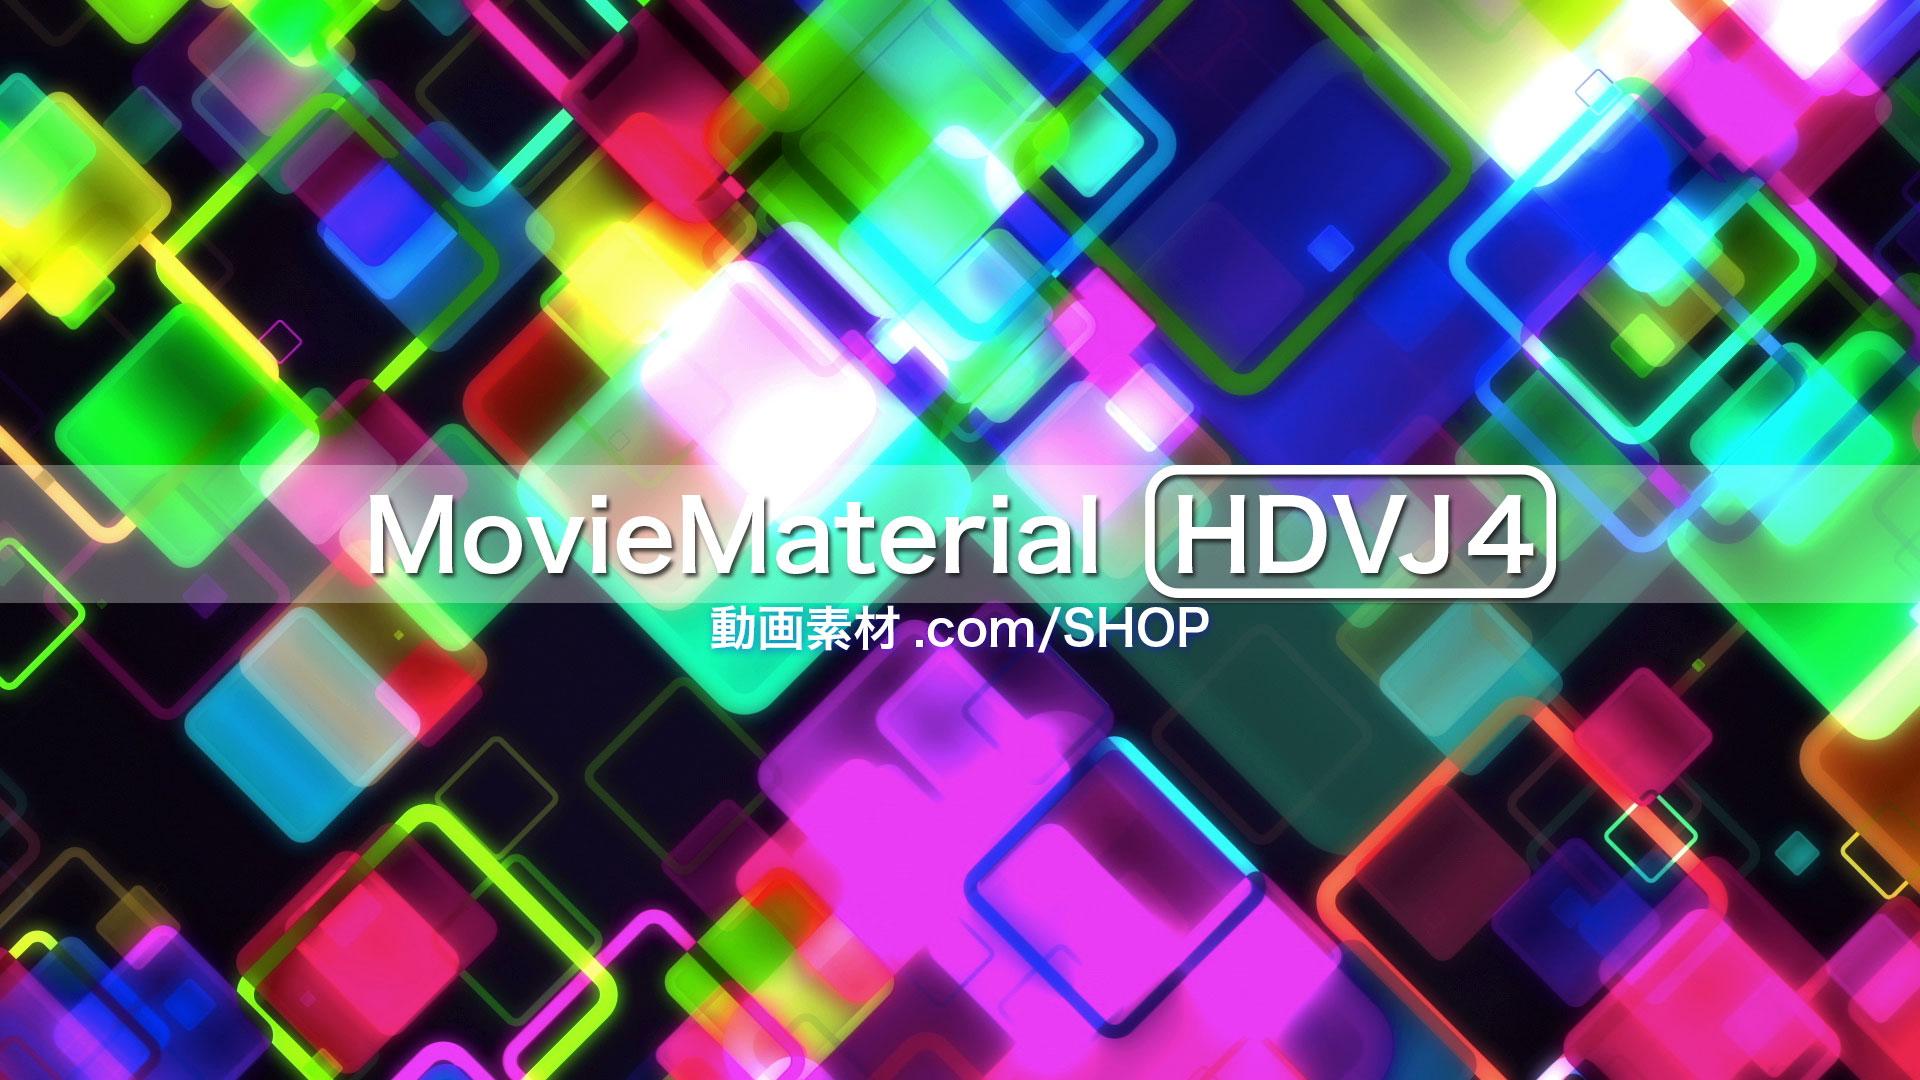 フルハイビジョン動画素材集第4段【MovieMaterial HDVJ4】ロイヤリティフリー(著作権使用料無料)2